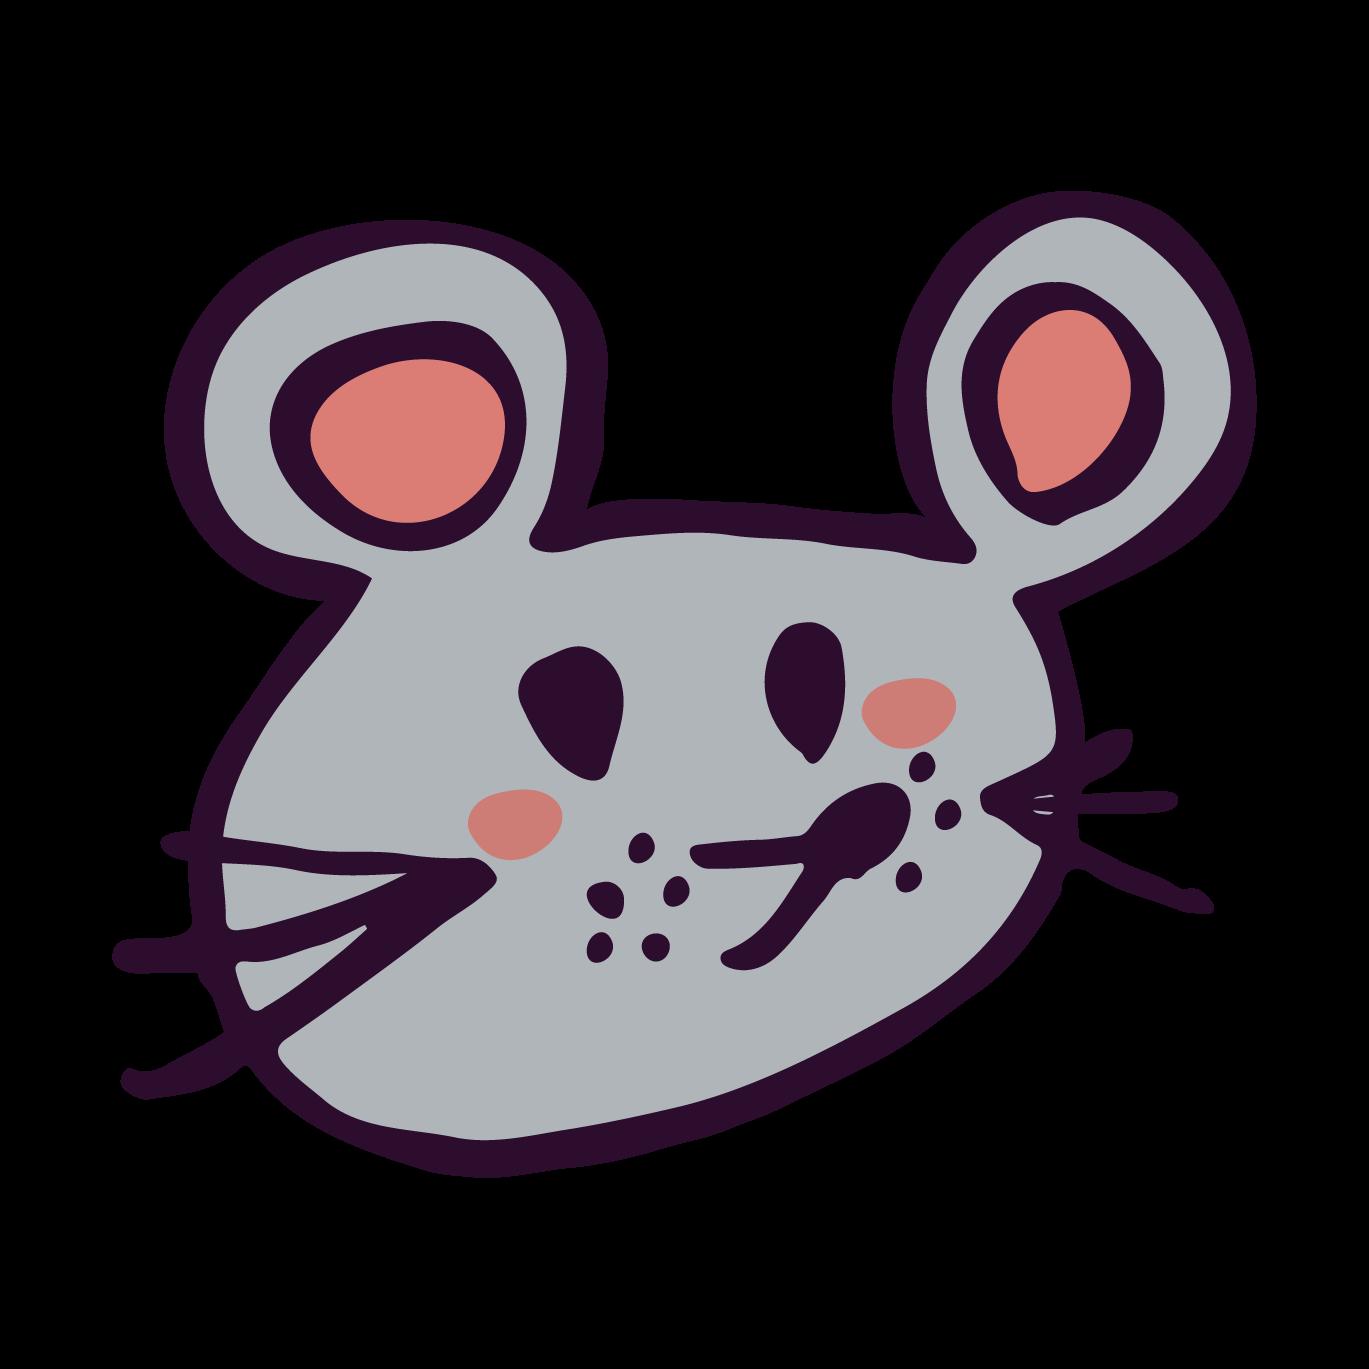 かわいいネズミ鼠ねずみ顔アップ手書き 無料 イラスト